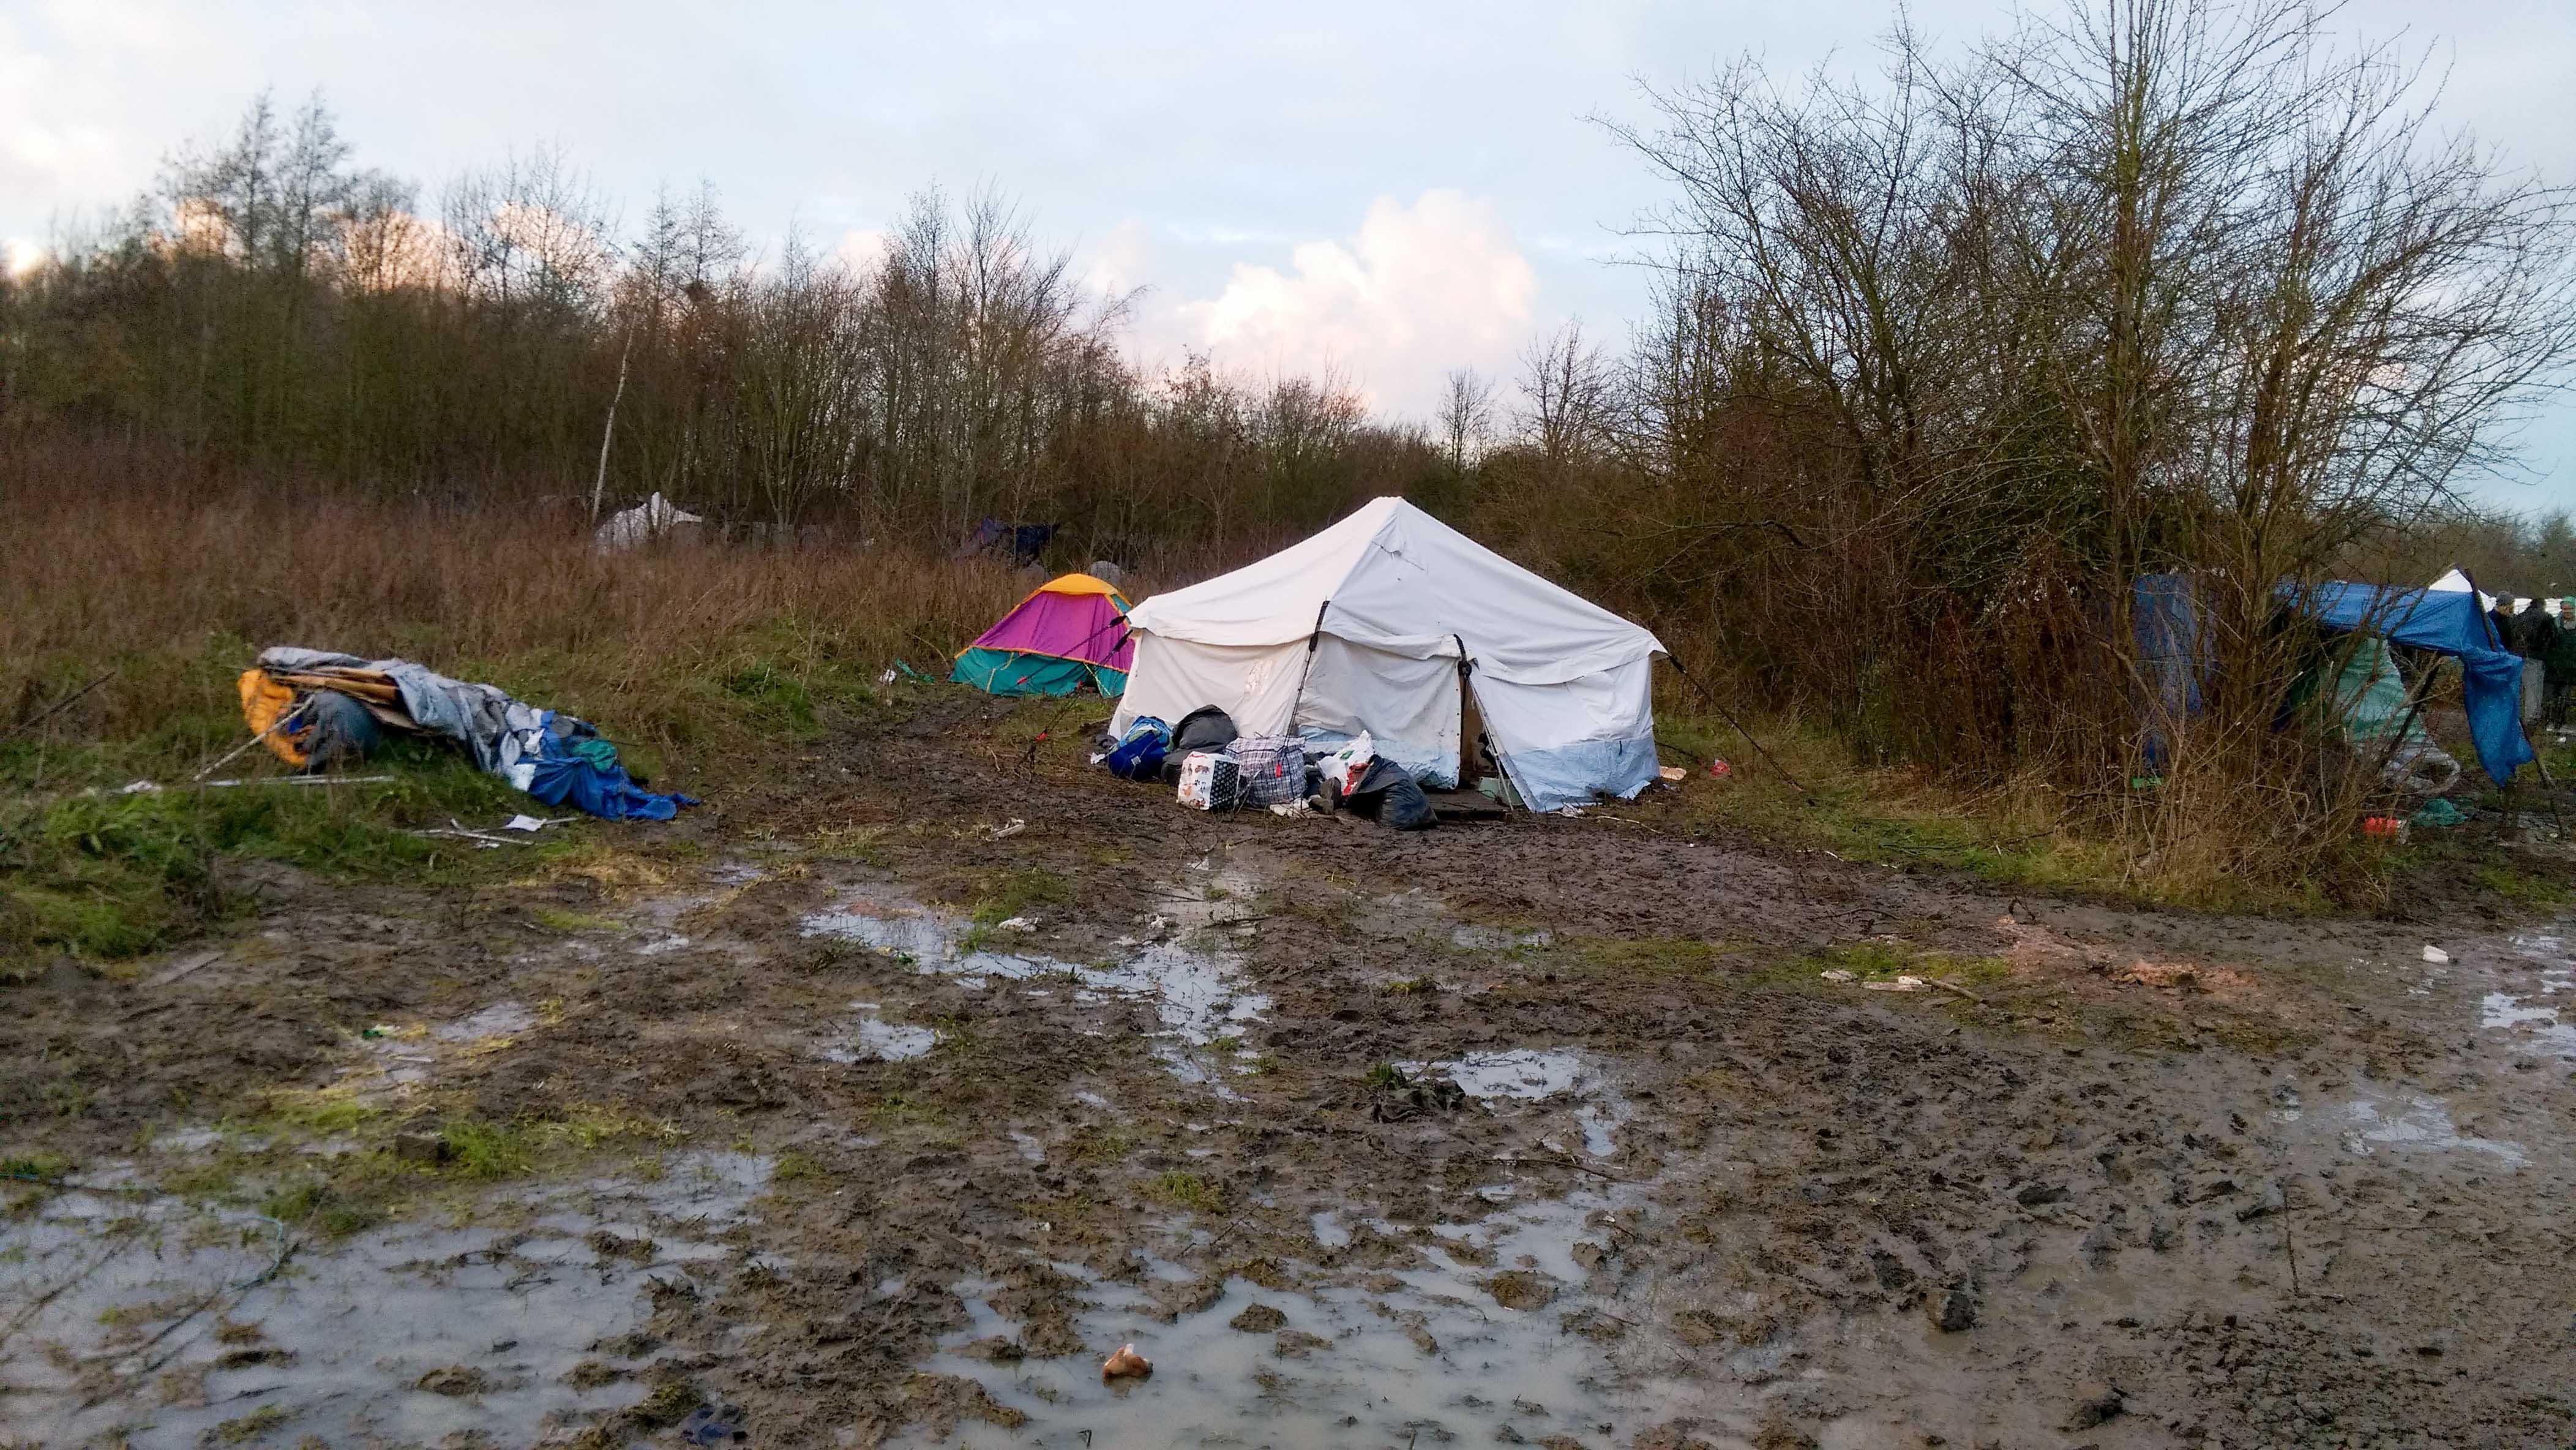 Flüchtlinge leben in Dünkirchen zurzeit in Zelten. – Bild: Xenia Dürig/zvg